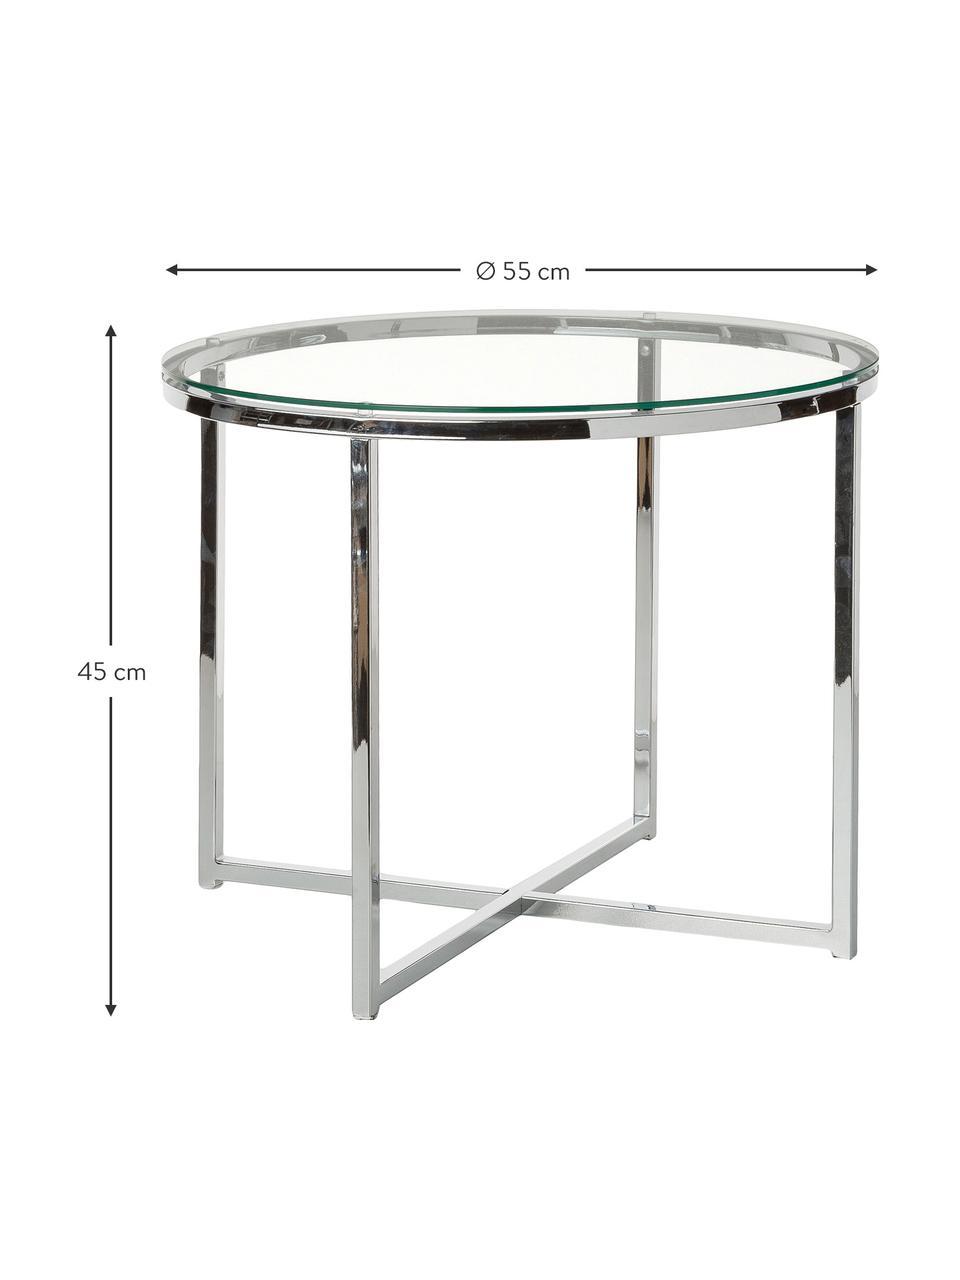 Bijzettafel Matheo met glazen tafelblad, Frame: verchroomd metaal, Tafelblad: veiligheidsglas, Zilverkleurig, Ø 55 x H 45 cm